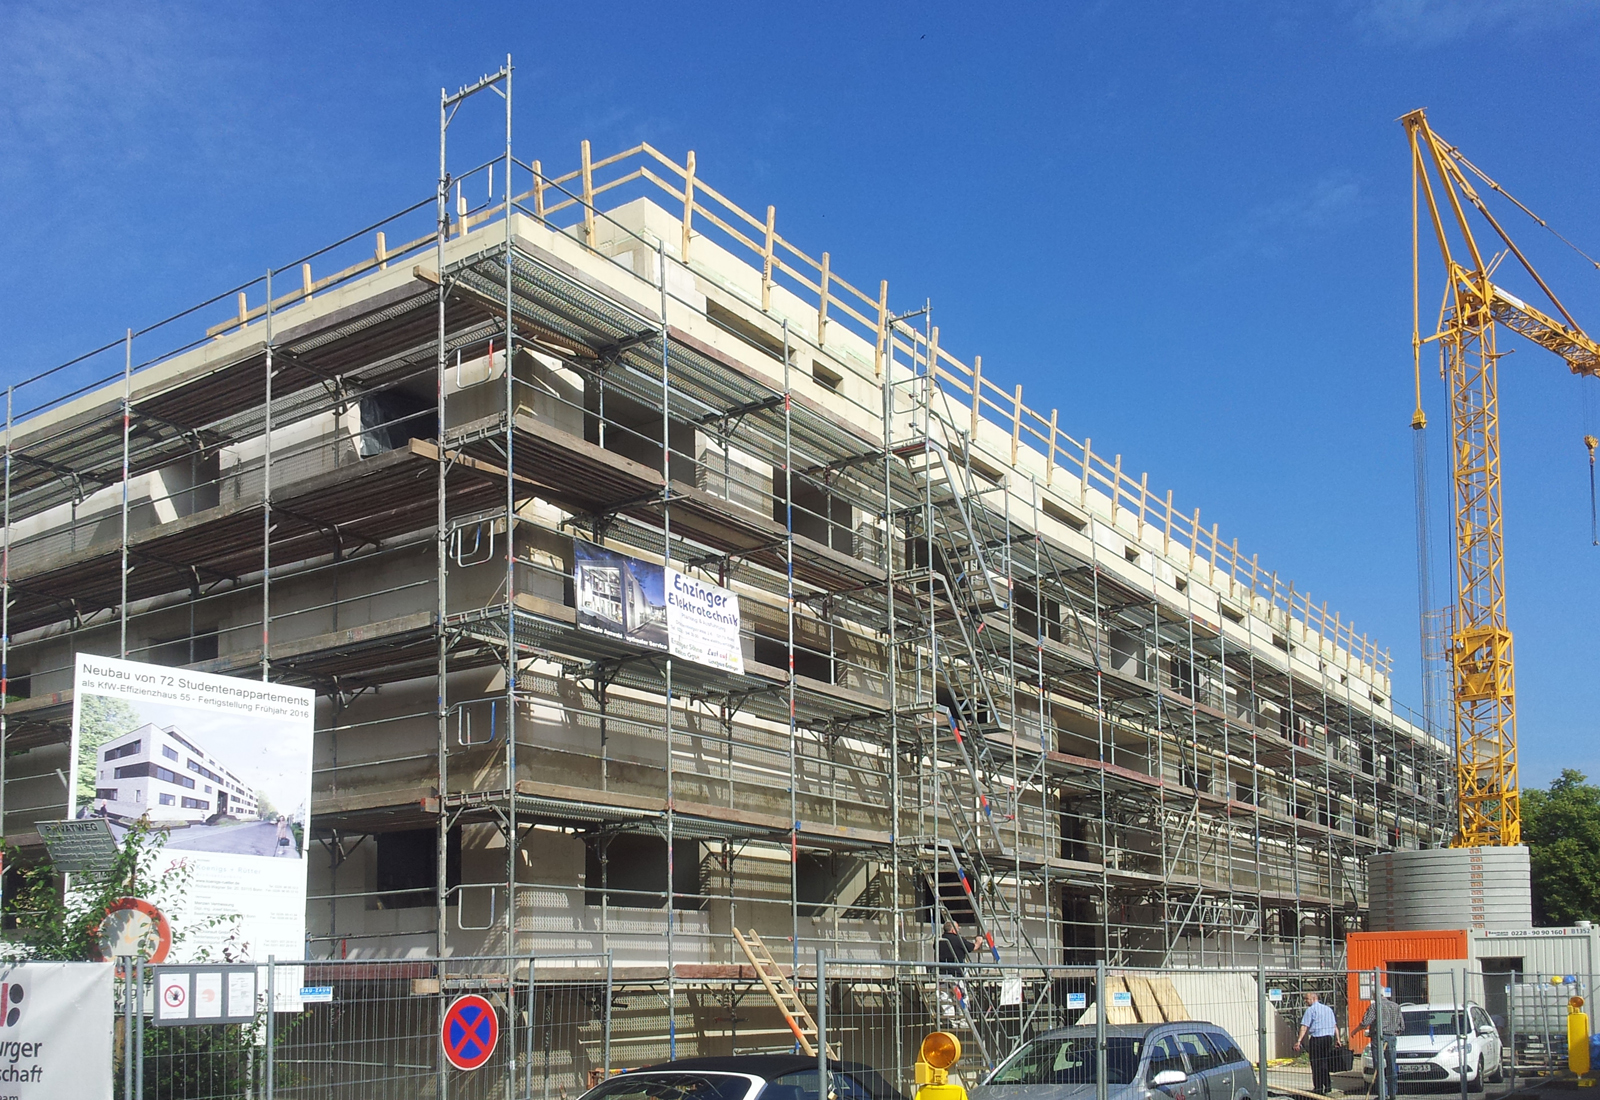 Neubau Studentenwohnheim Drususstraße, Klinker, Studentenwohnheim DrususstraßeKoenigs Rütter Architket